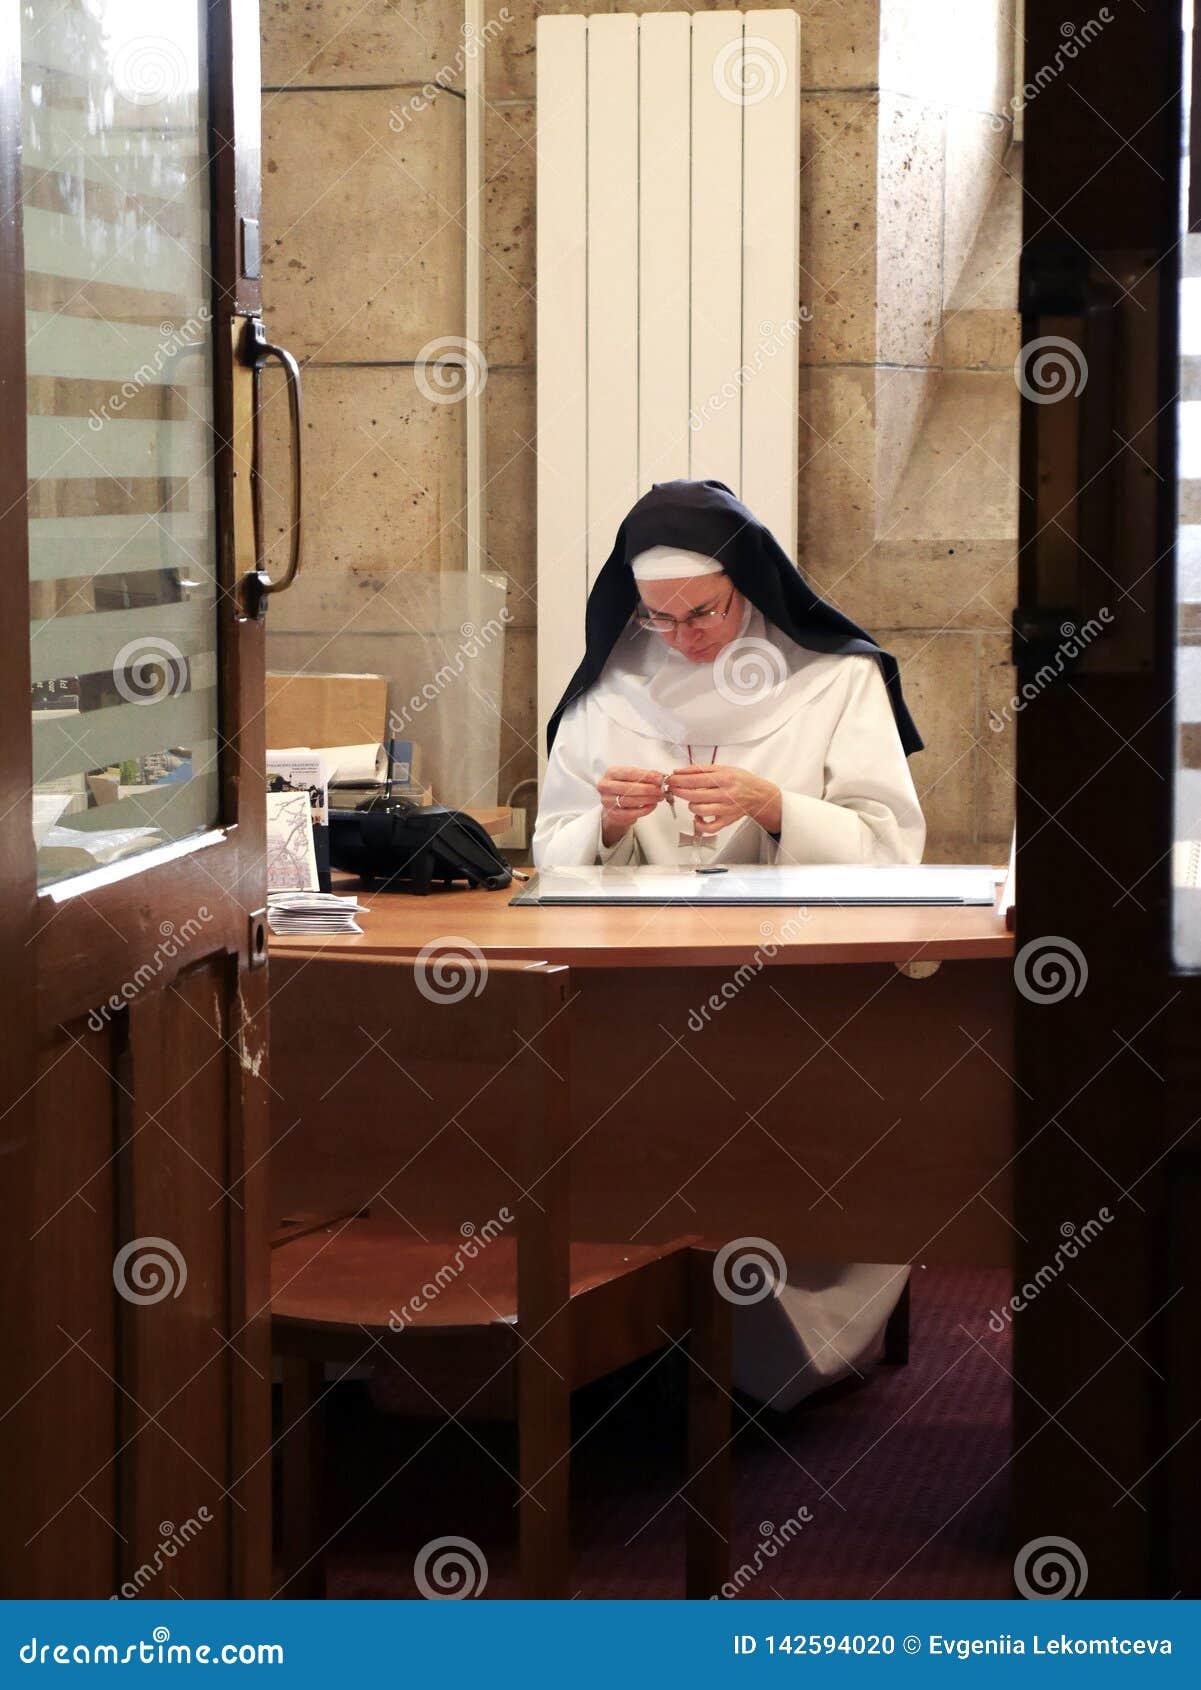 Paris, 6 Parvis Notre-Dame - Pl Jean-Paul II, Notre Dame Cathedral, am 20. Dezember 2018 Nonne, die am Tisch sitzt